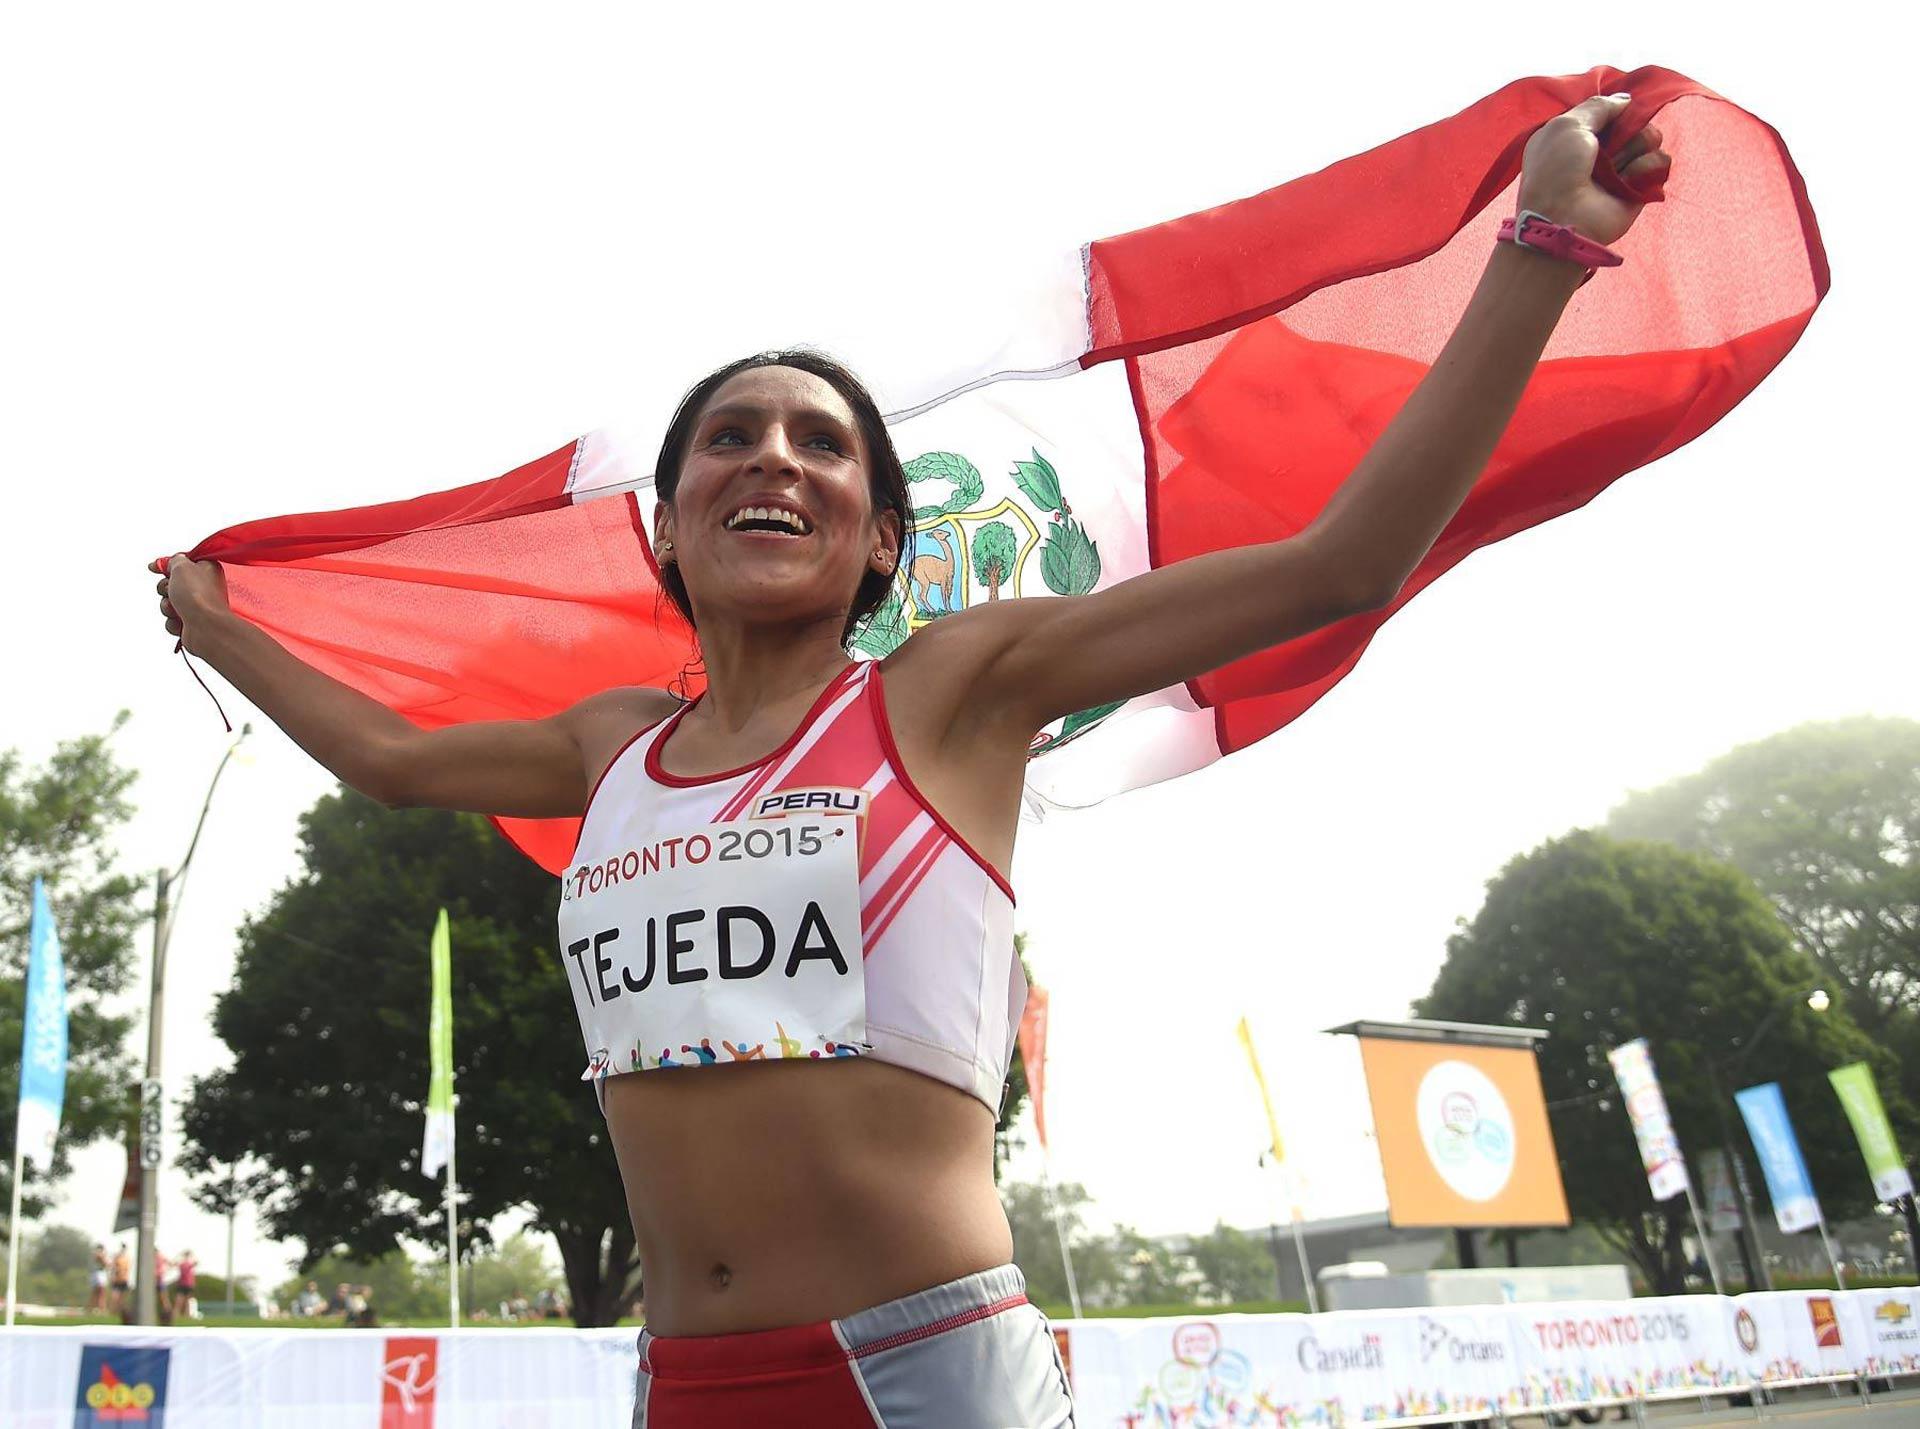 Gladys Tejeda, que ganó oro en los Juegos Panamericanos de Toronto, consumió diuréticos durante la competición